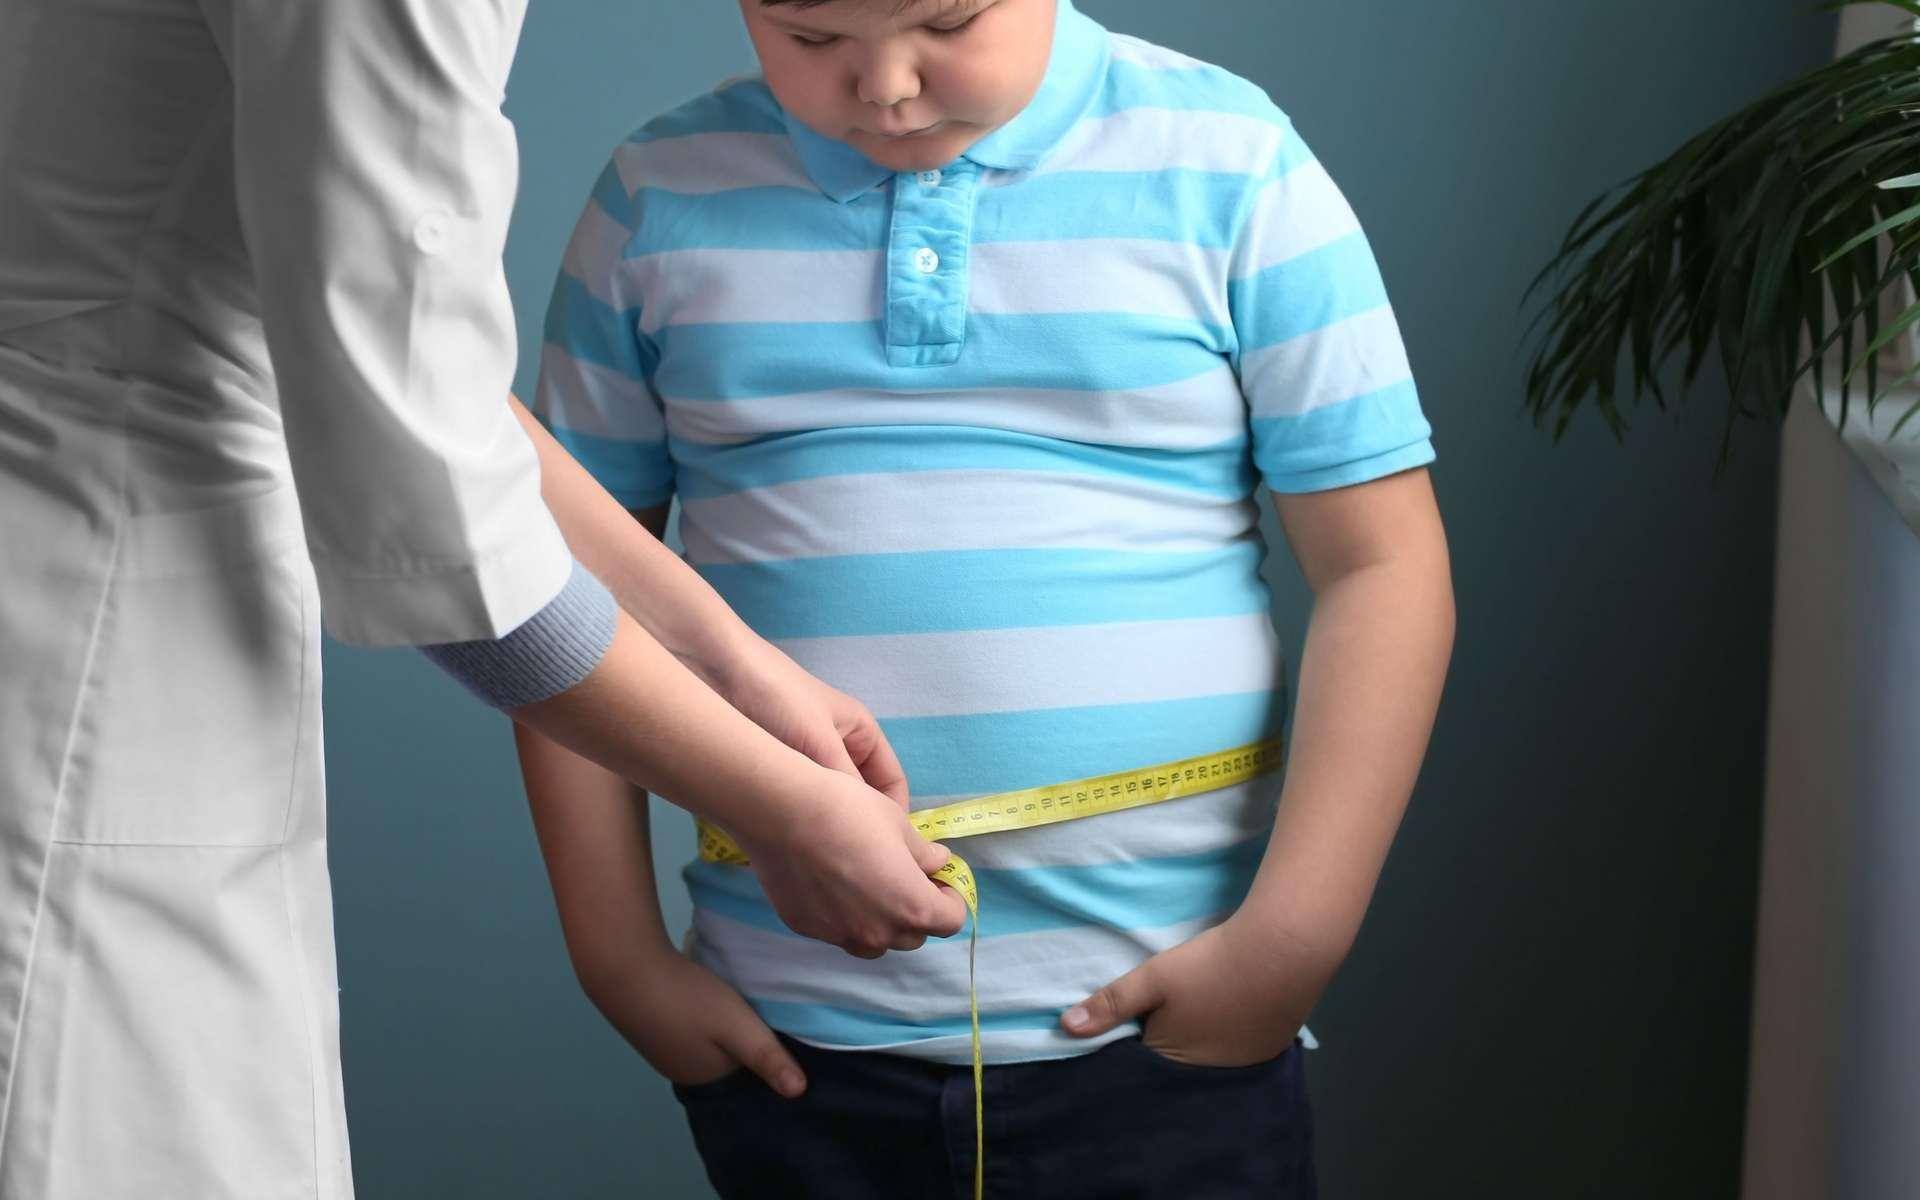 Selon plusieurs études d'observation, un risque relatif modéré mais réel existe entre obésité transitoire à l'adolescence et cancer. © Africa Studio, Adobe Stock